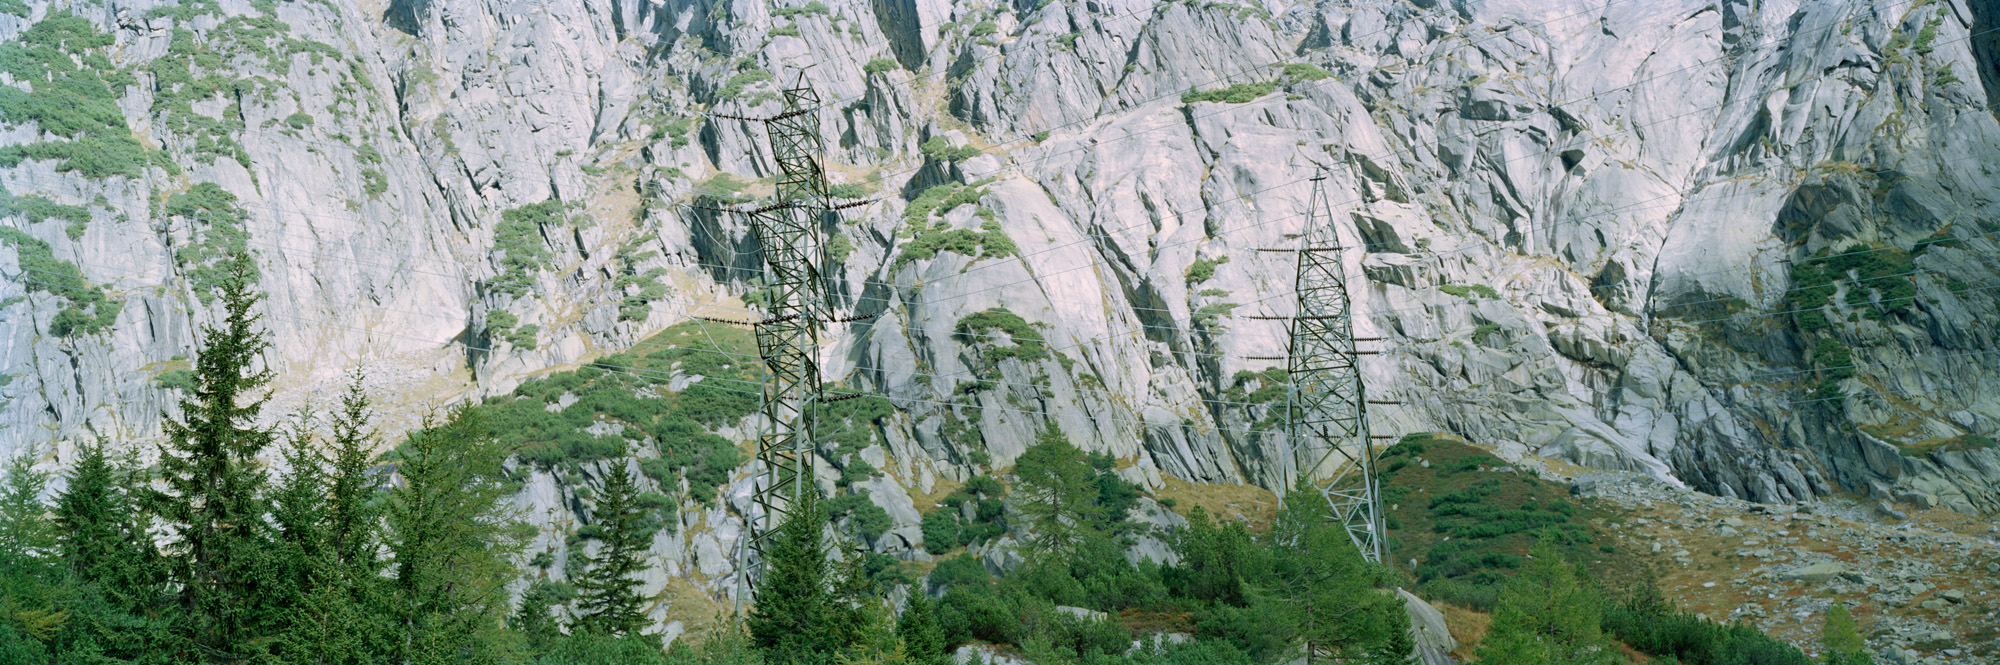 Alpenpässe, Alpen, Schweiz, Italien, Österreich, Deutschland, Natur, Landschaften, Pässe, Straßen, Steine, Berge, Wiesen, Grün, Gras, Bergluft, Blau, Himmel,